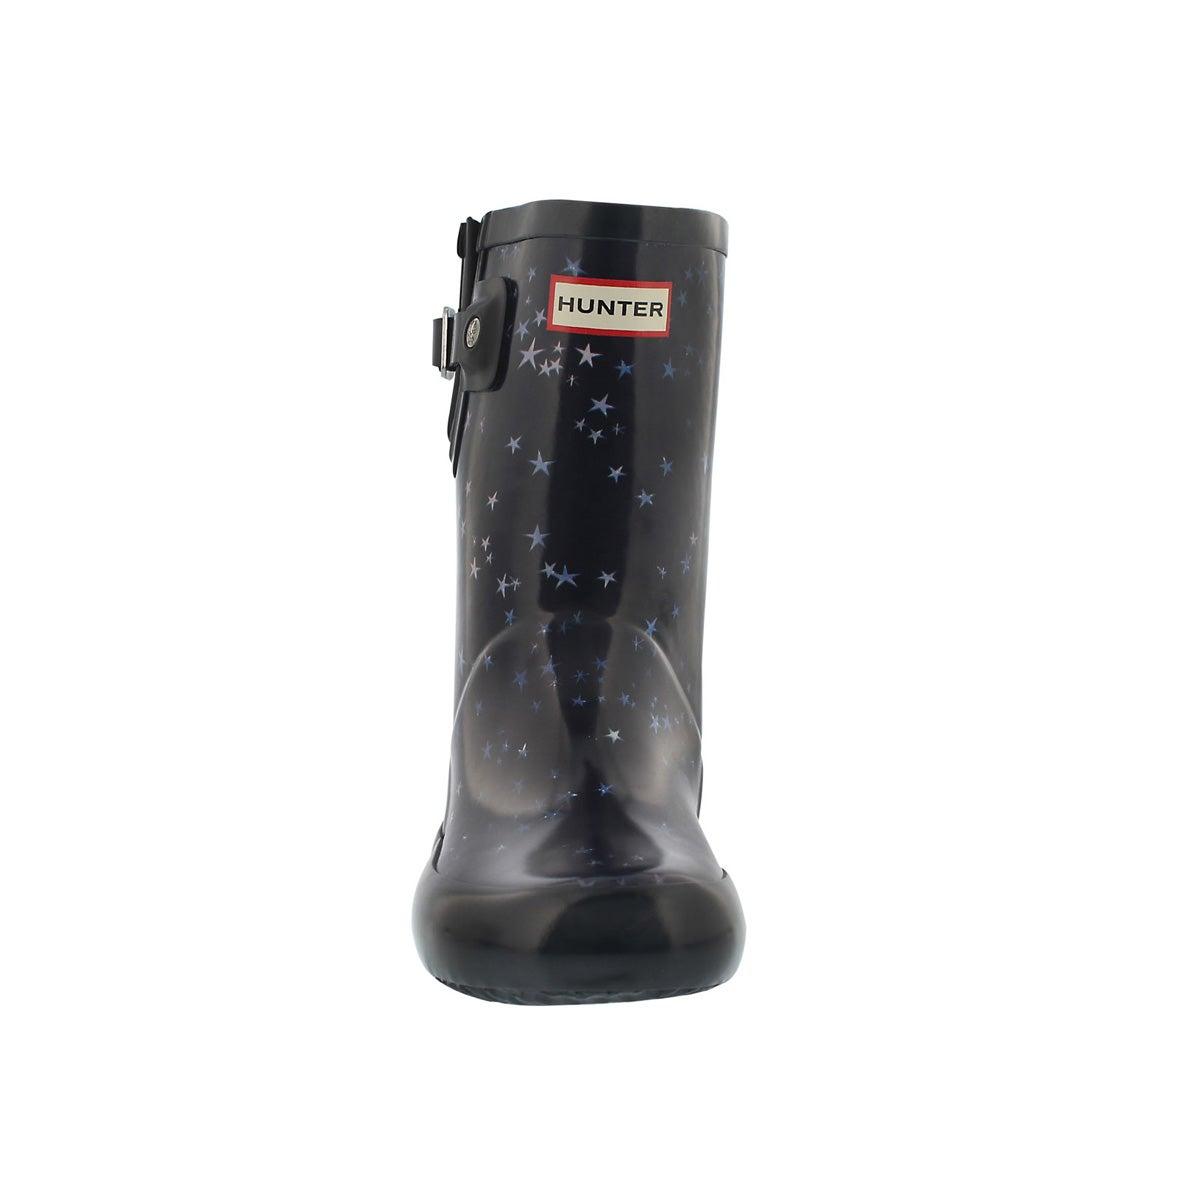 Infs First Flat Sole midnight rain boot